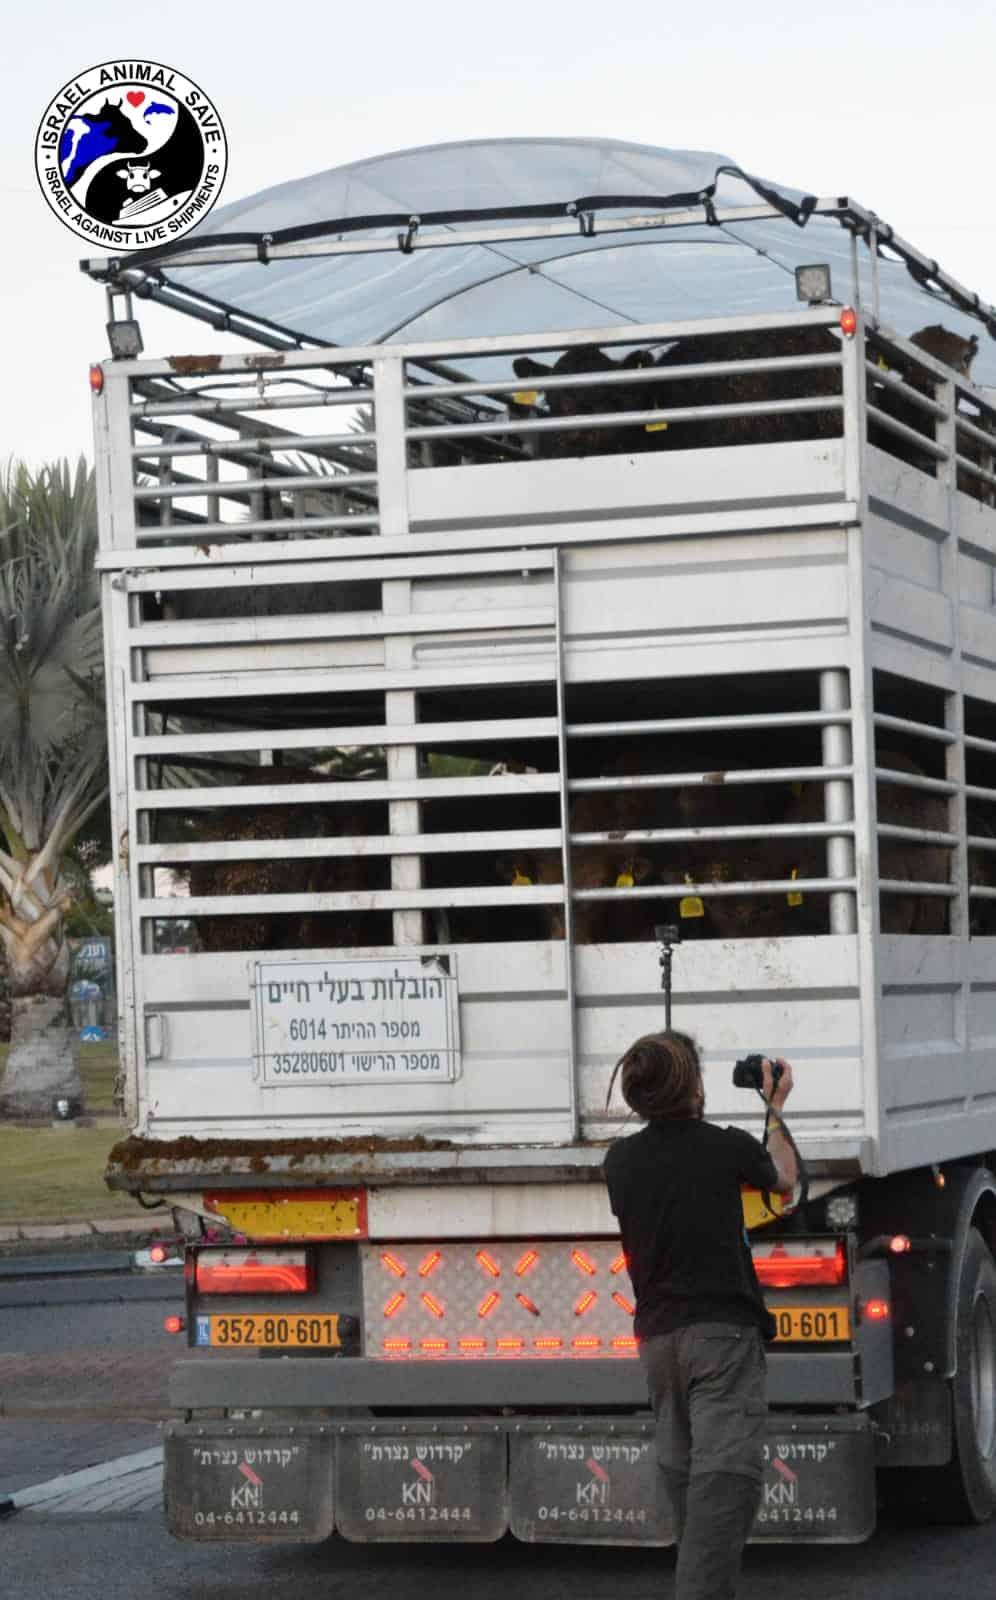 משאית ובה עגלים שהגיעו מאוסטרליה לאילת (צילום: ישראל נגד משלוחים חיים)